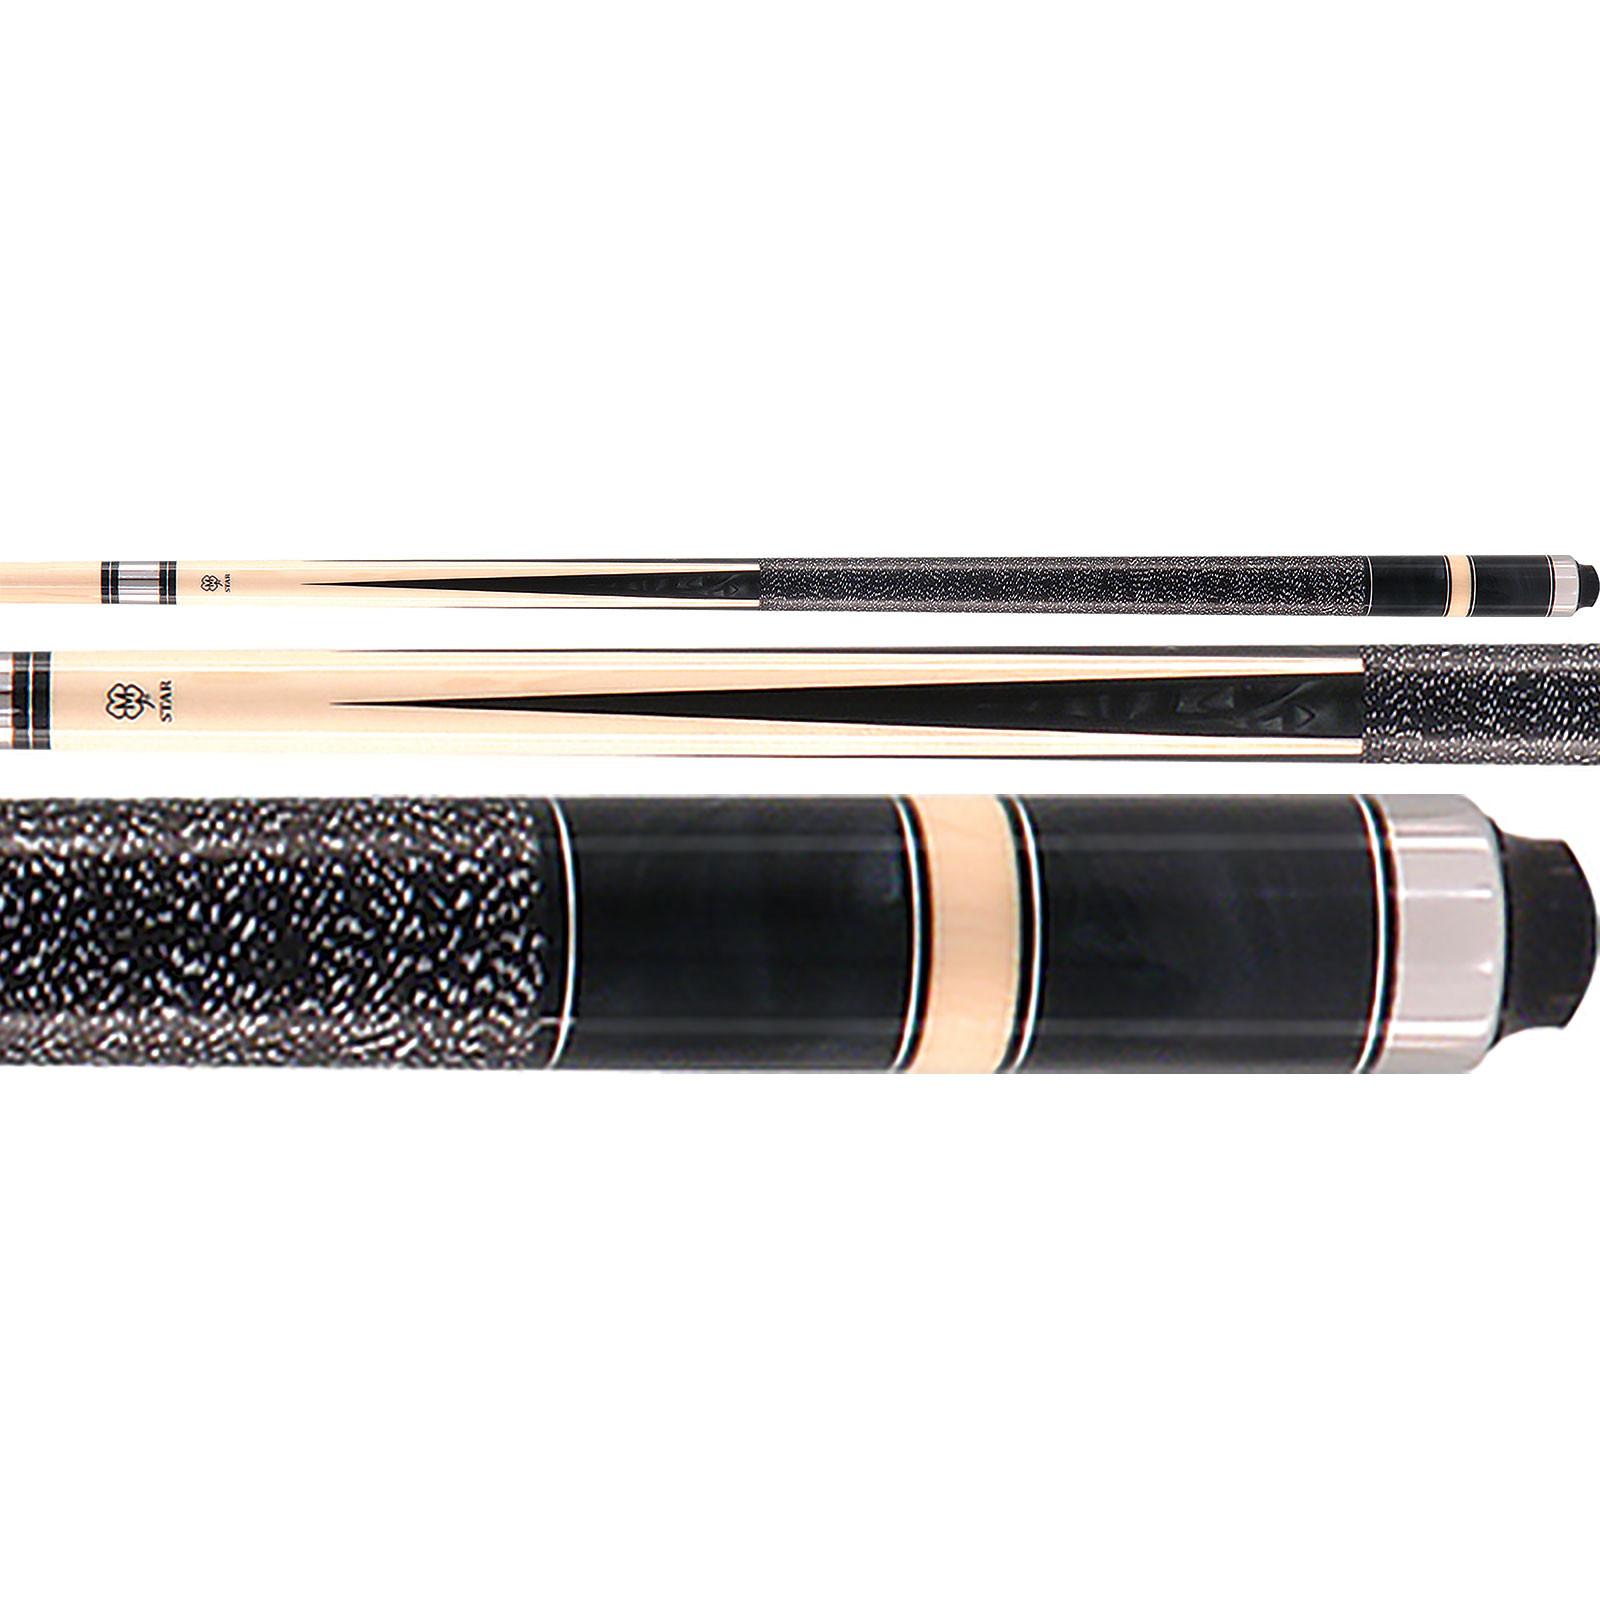 McDermott Star S24 Grey Pearl Billiards Pool Cue Stick